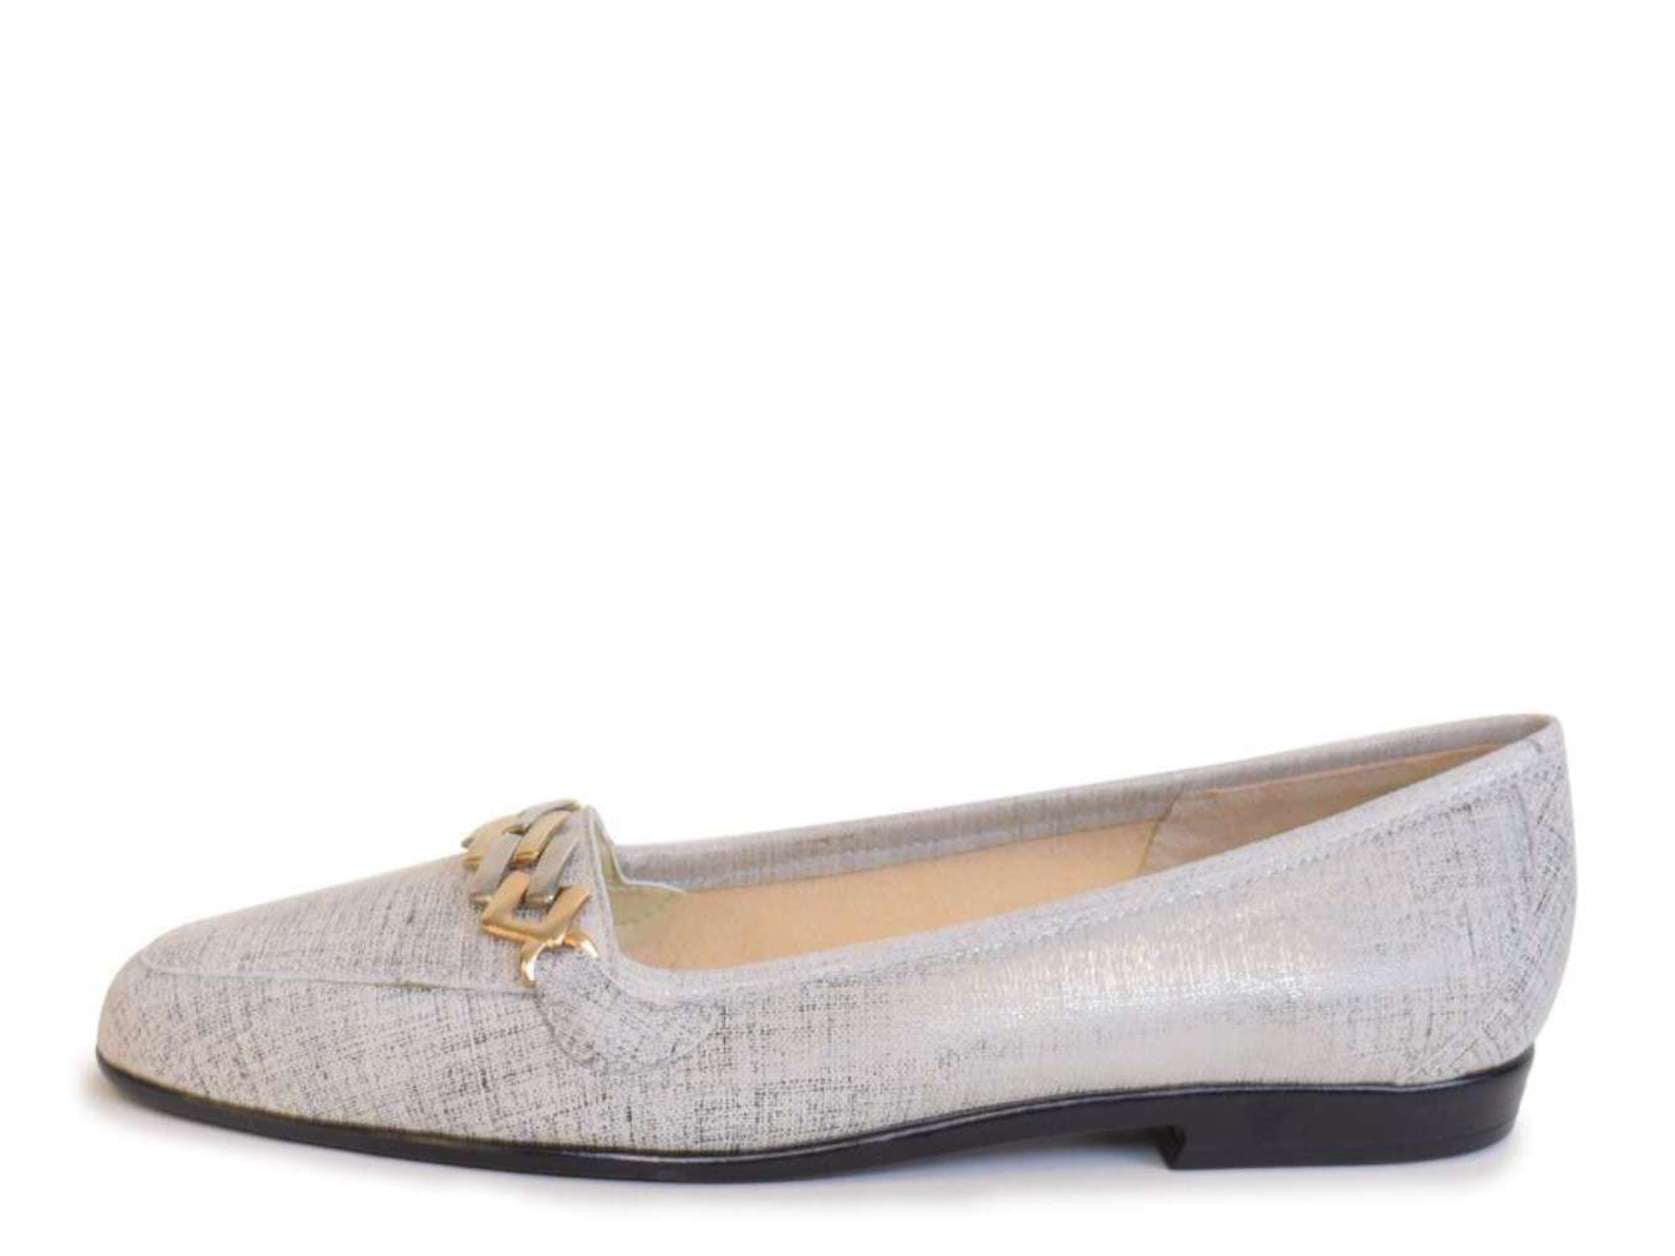 Amalfi By Rangoni Womens Oste Almond Toe Loafers by Amalfi by Rangoni